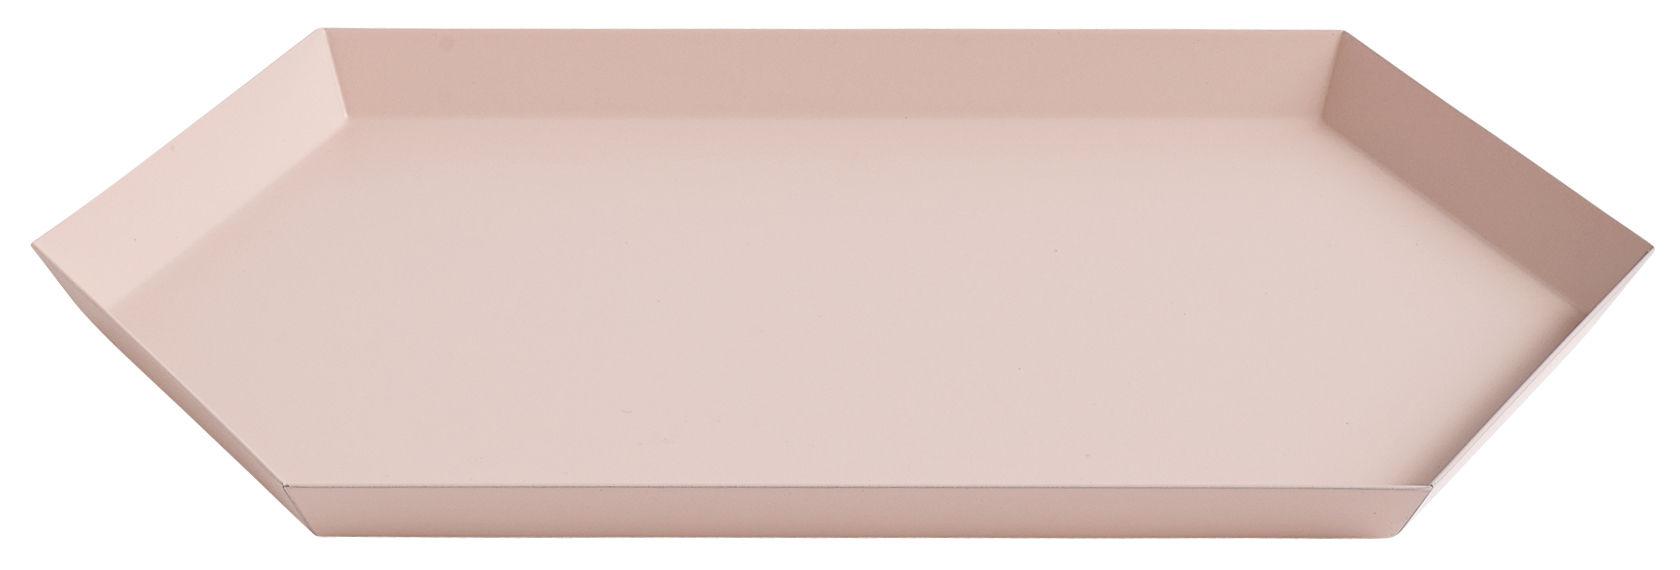 Tischkultur - Tabletts - Kaleido Medium Tablett / 33,5 x 19,5 cm - Hay - Pfirsich - bemalter Stahl